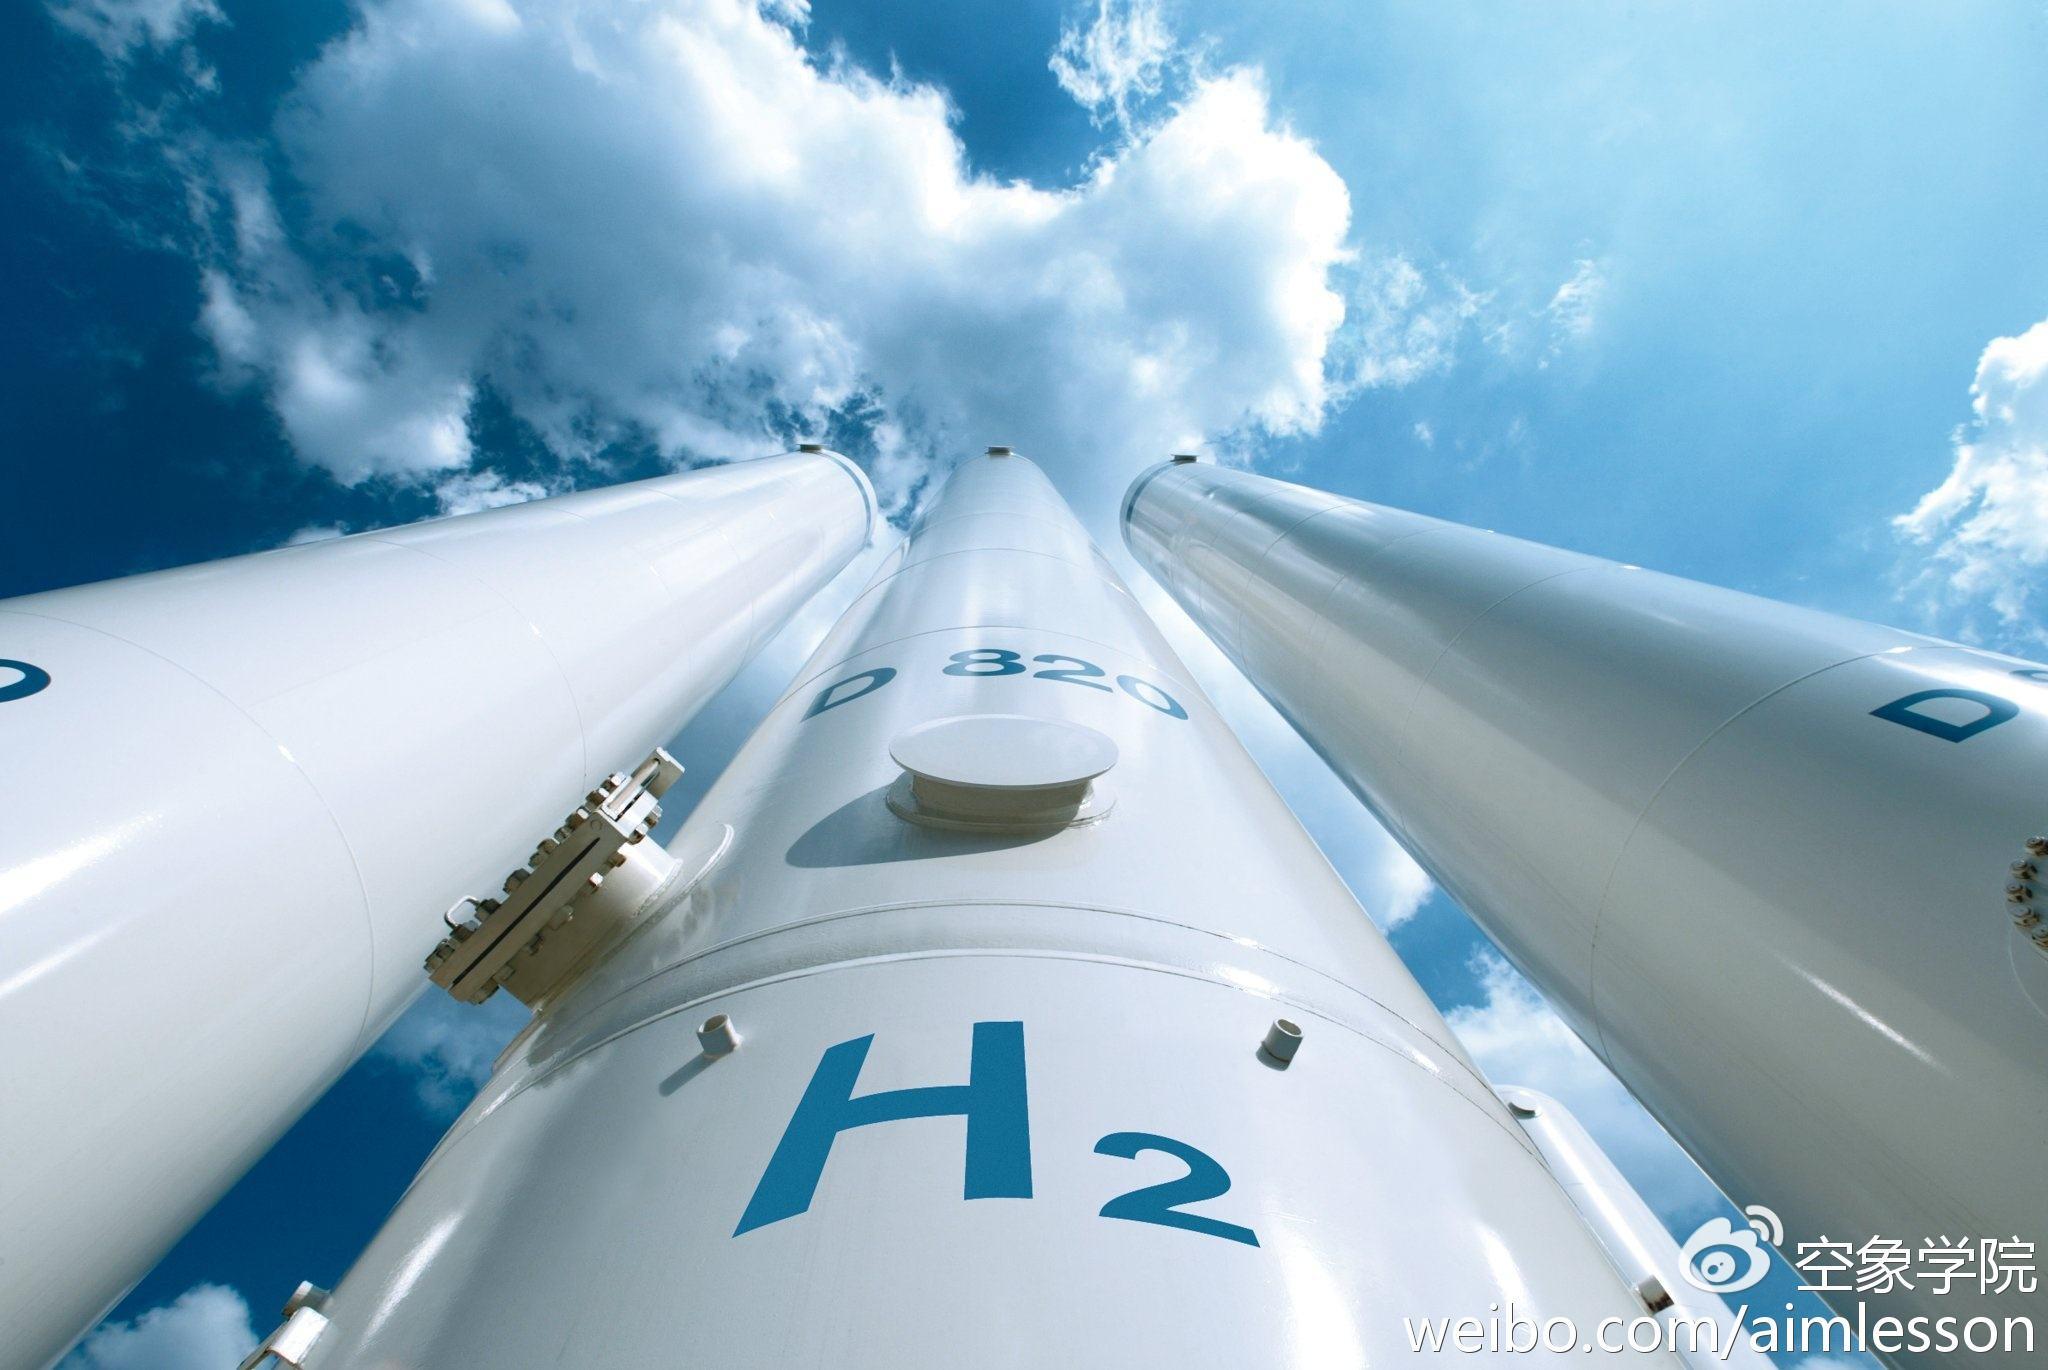 氢能产业的痛点和发展路径在哪里?